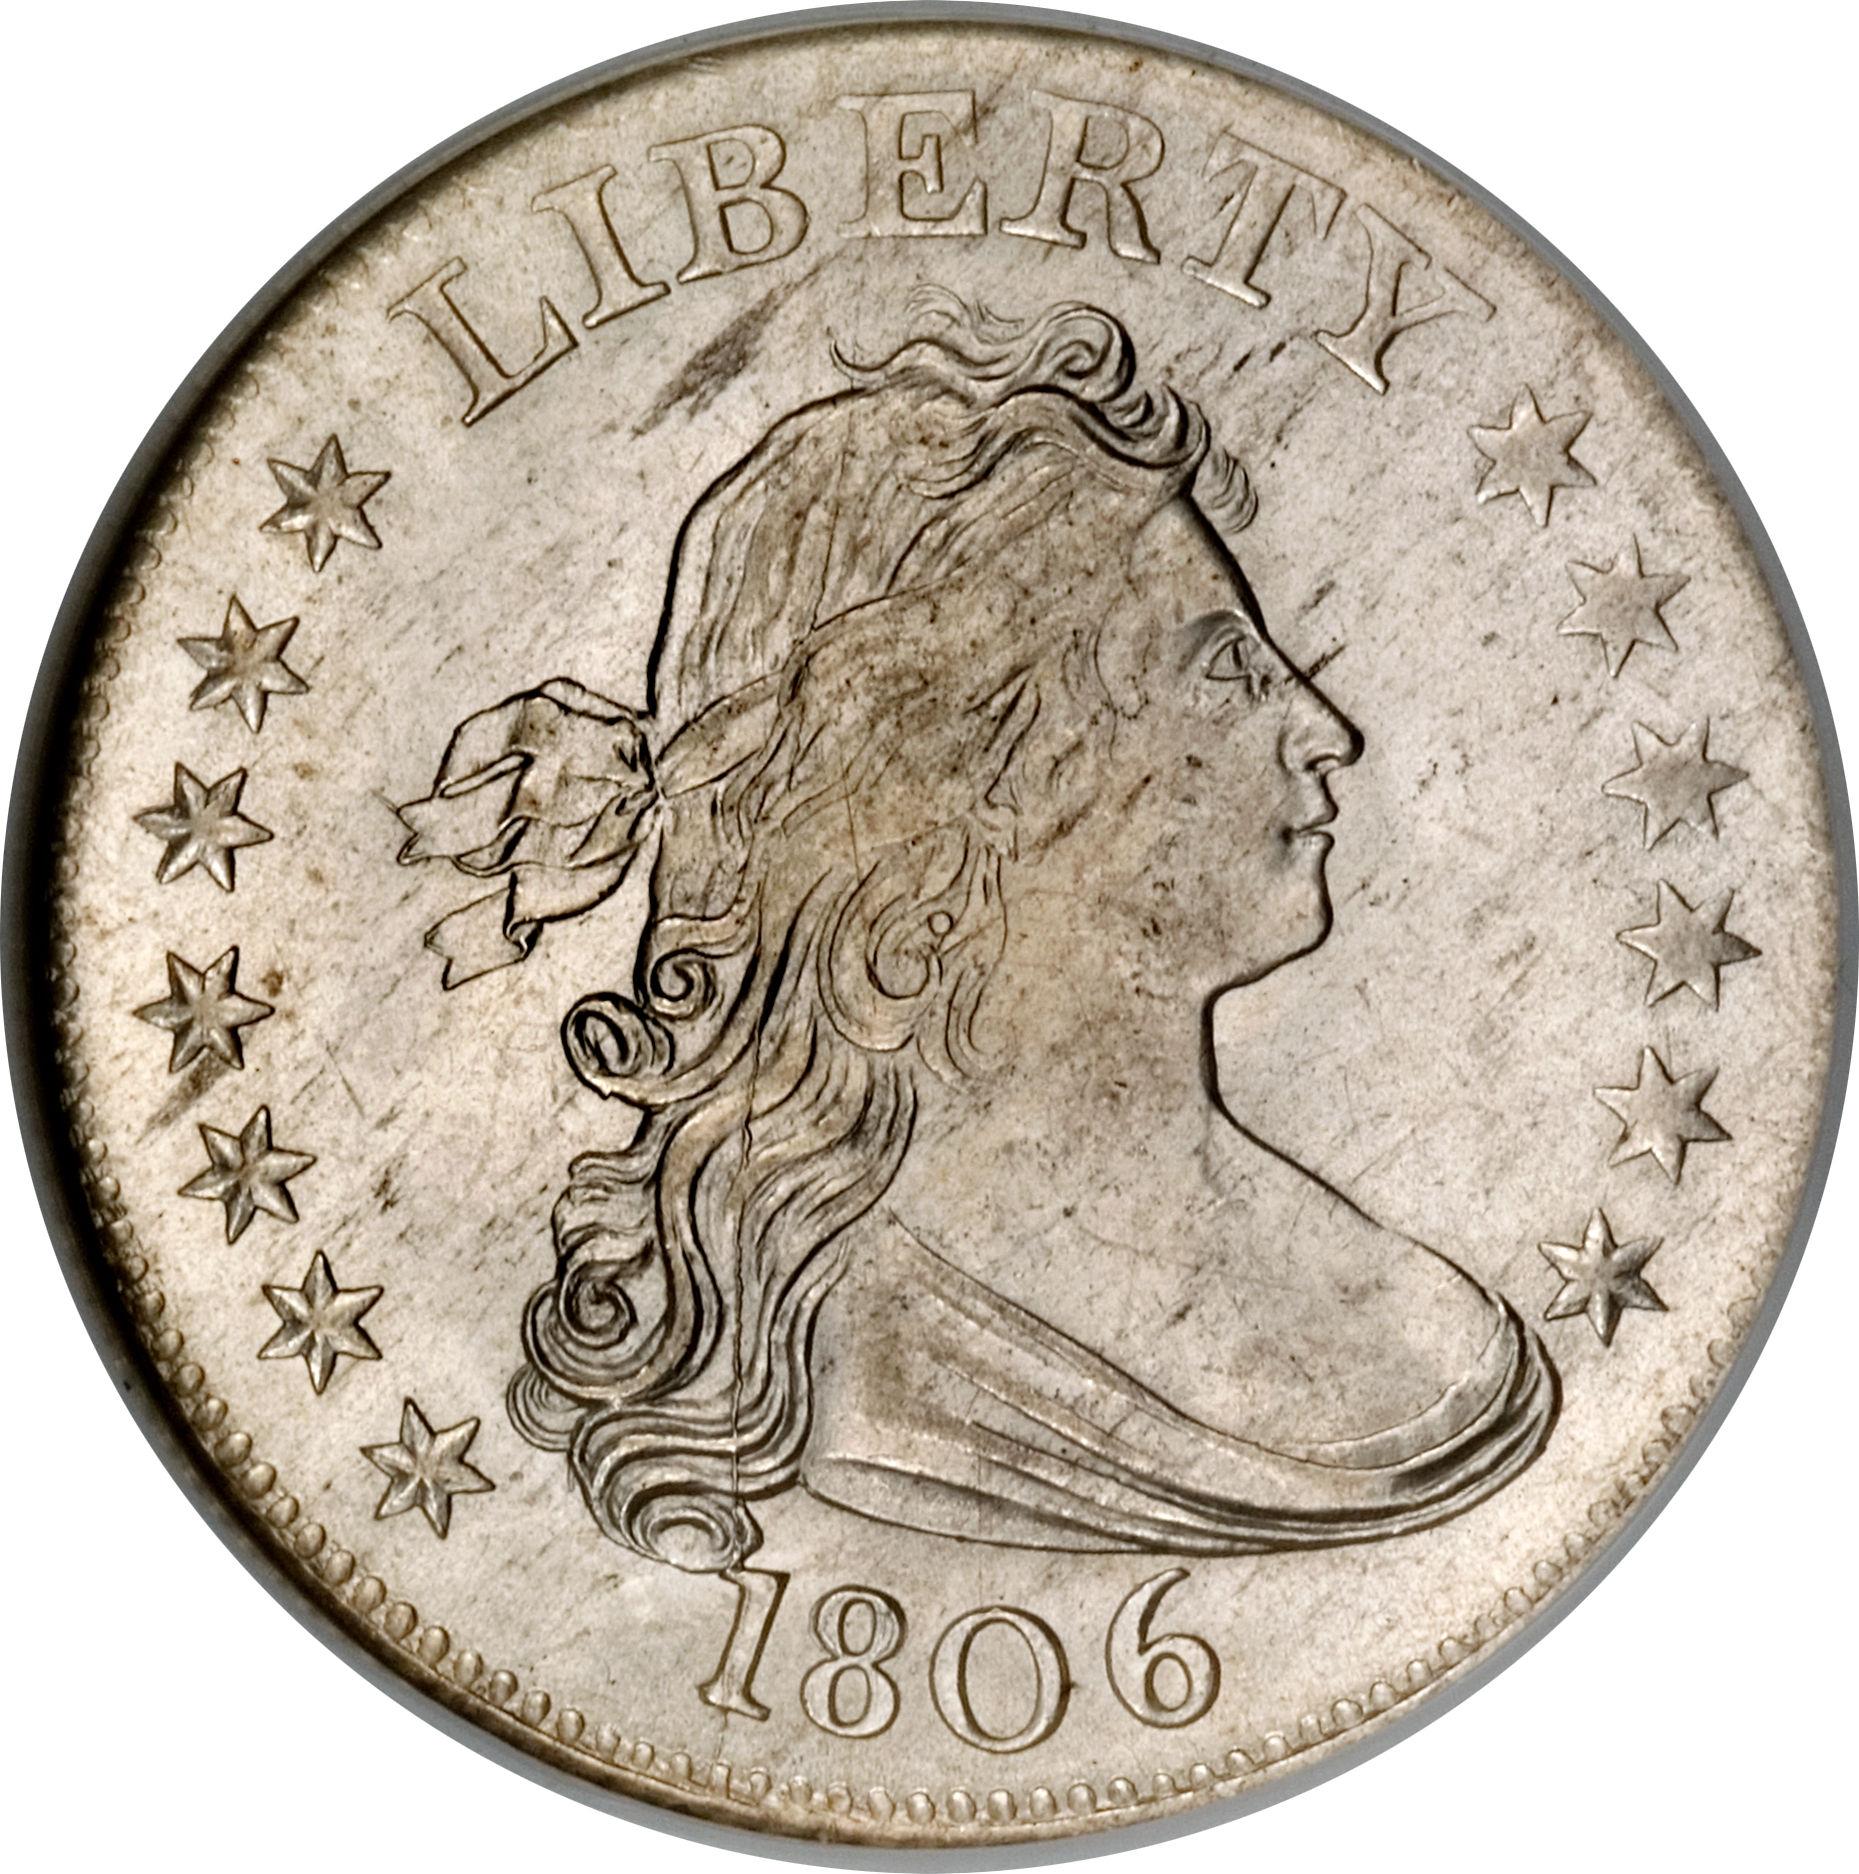 25 Cents D D Bust Quarter